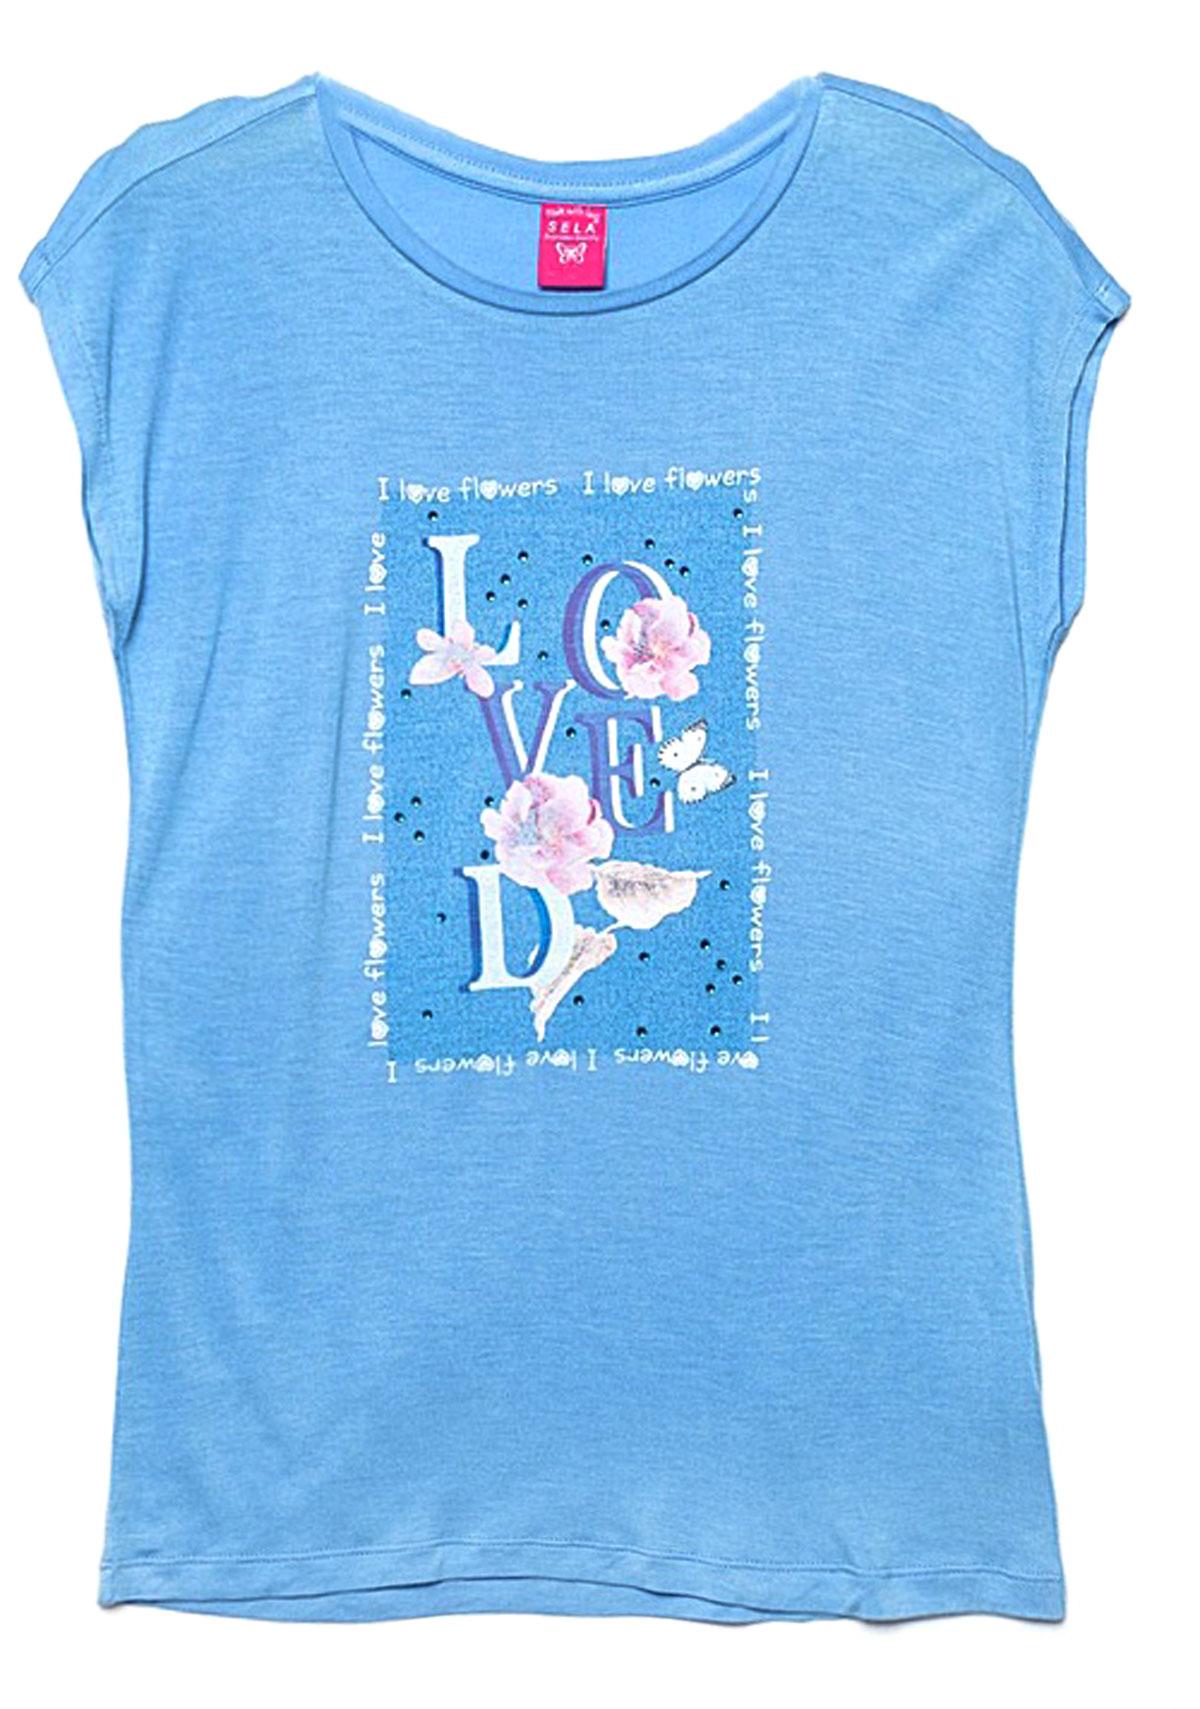 Футболка для девочки Sela, цвет: светло-голубой. Ts-611/946-7131. Размер 128, 8 летTs-611/946-7131Стильная футболка для девочки Sela станет отличным дополнением к гардеробу юной модницы. Модель прямого кроя изготовлена из качественного трикотажа и оформлена оригинальным принтом и стразами. Воротник дополнен мягкой эластичной бейкой.